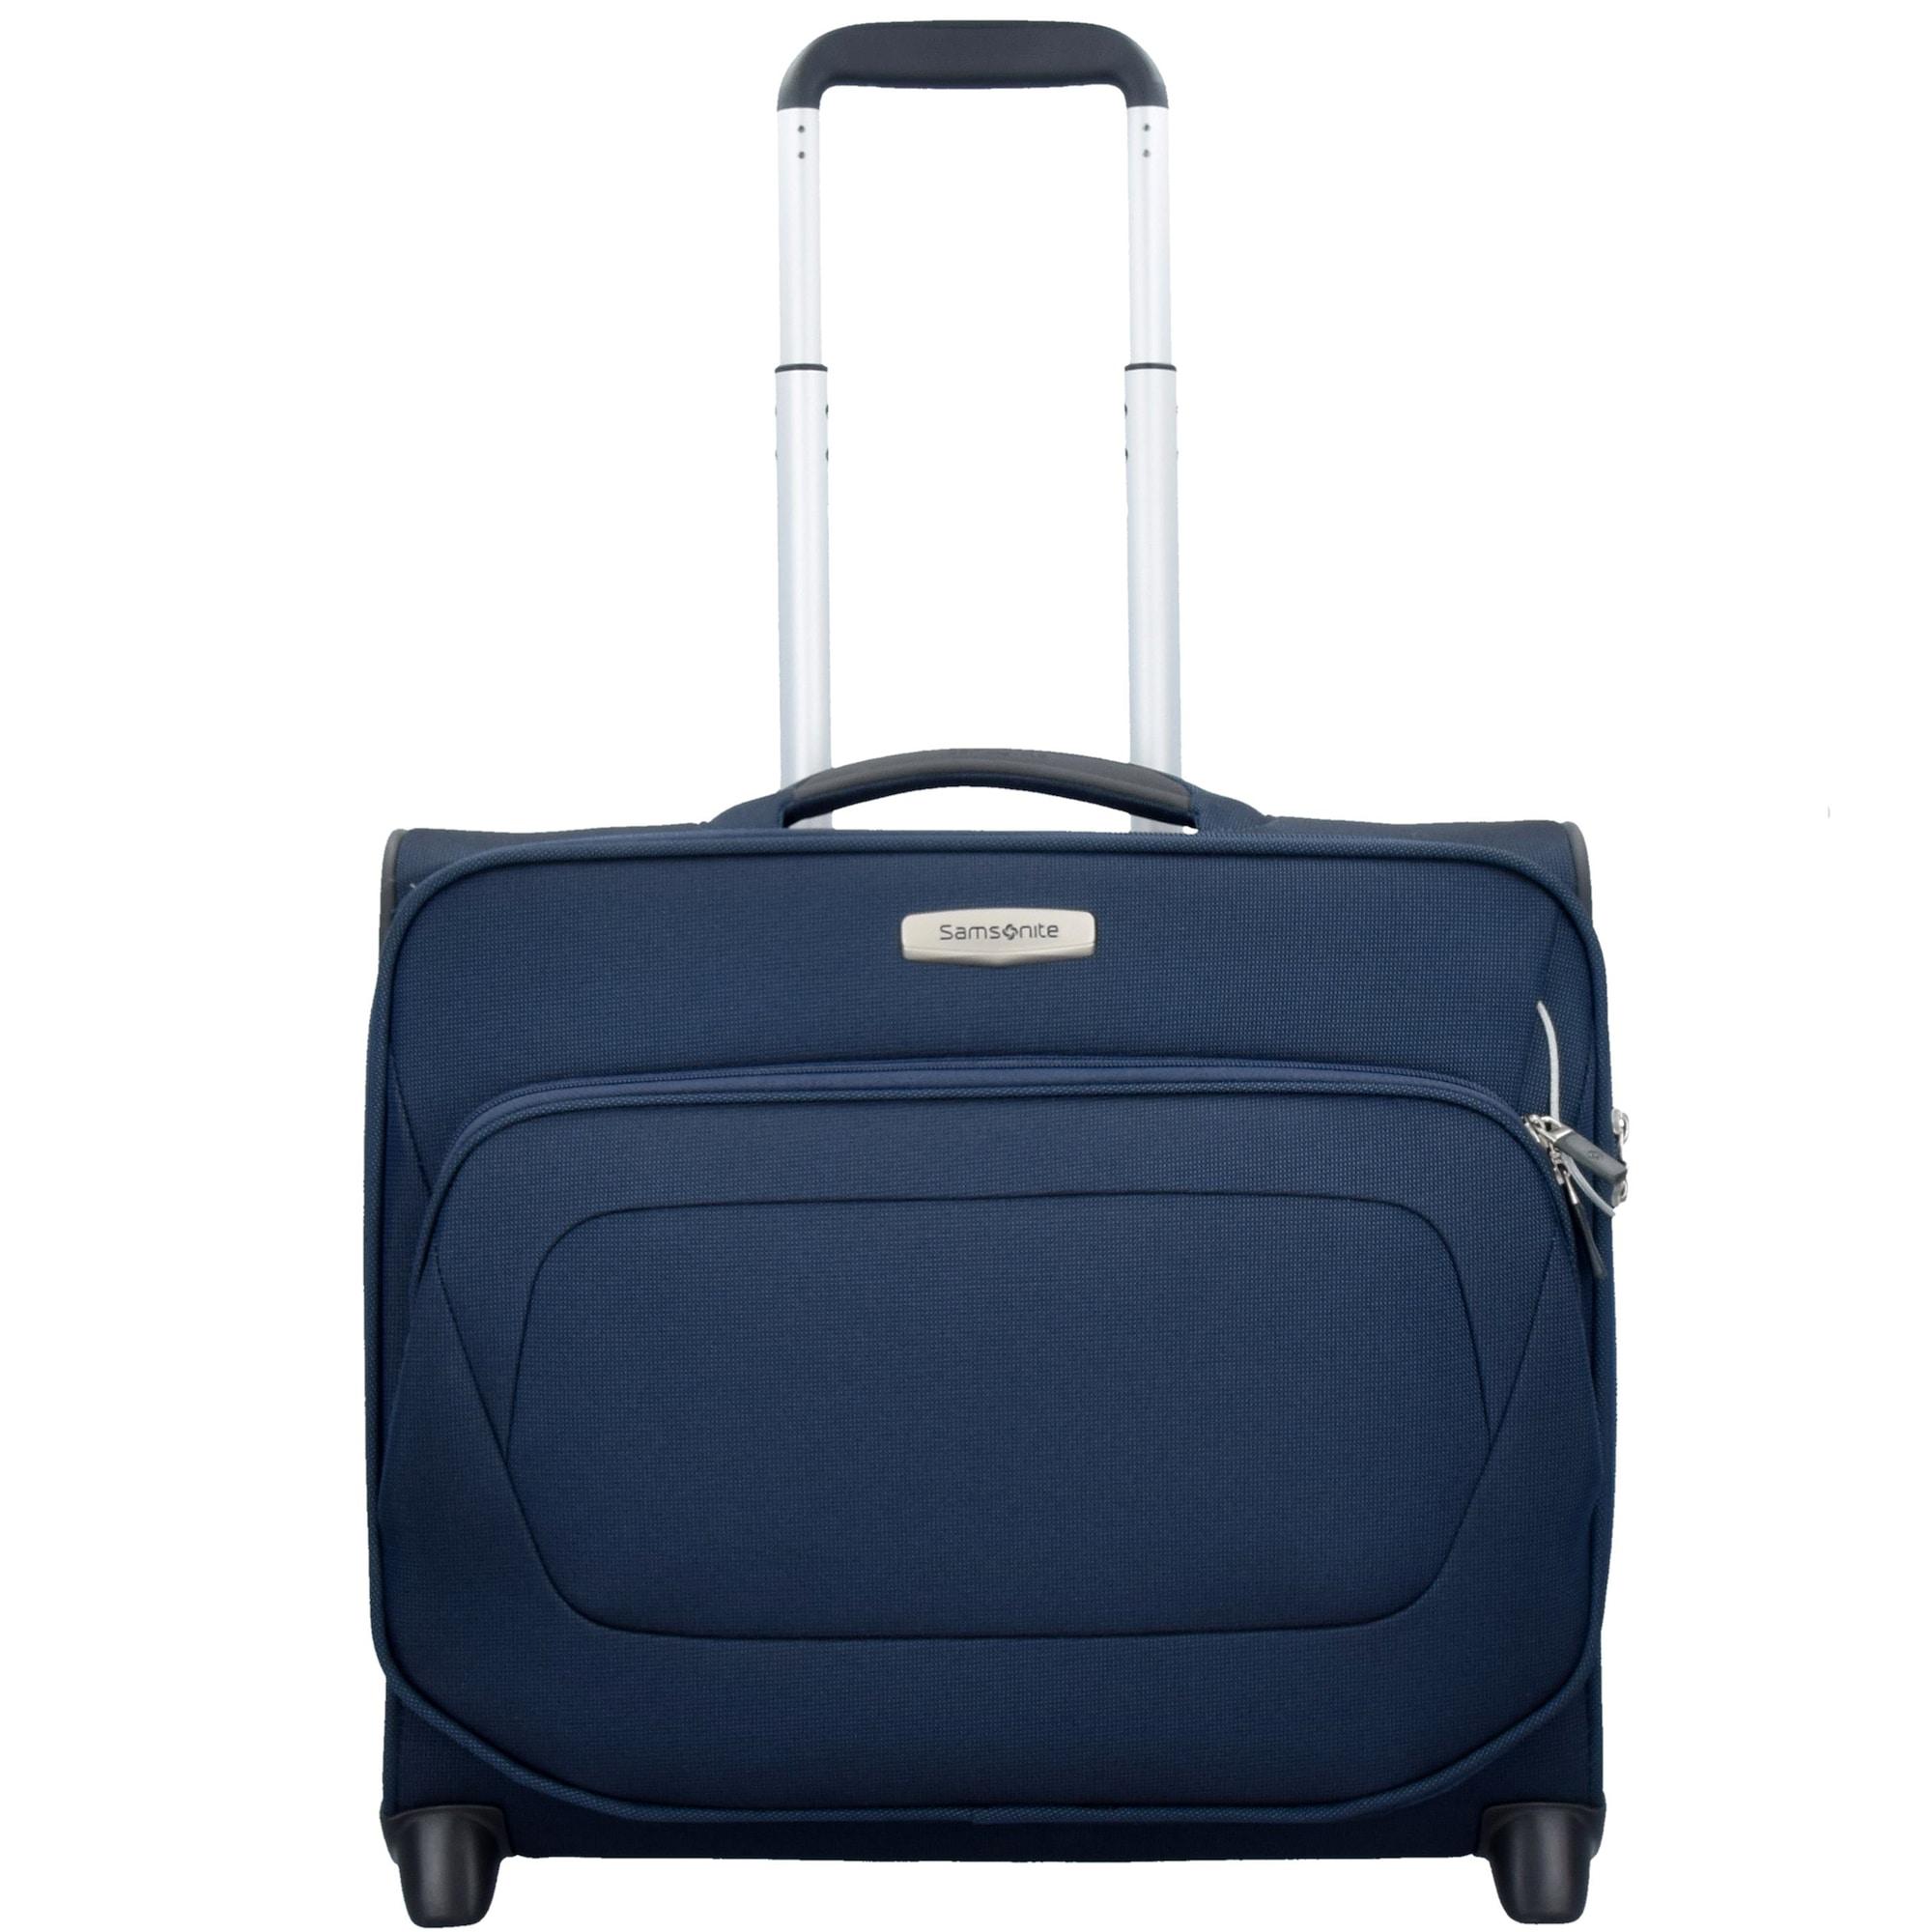 Spark SNG 2-Rollen Business Trolley 41 cm Laptopfach | Taschen > Businesstaschen | Blau | Samsonite